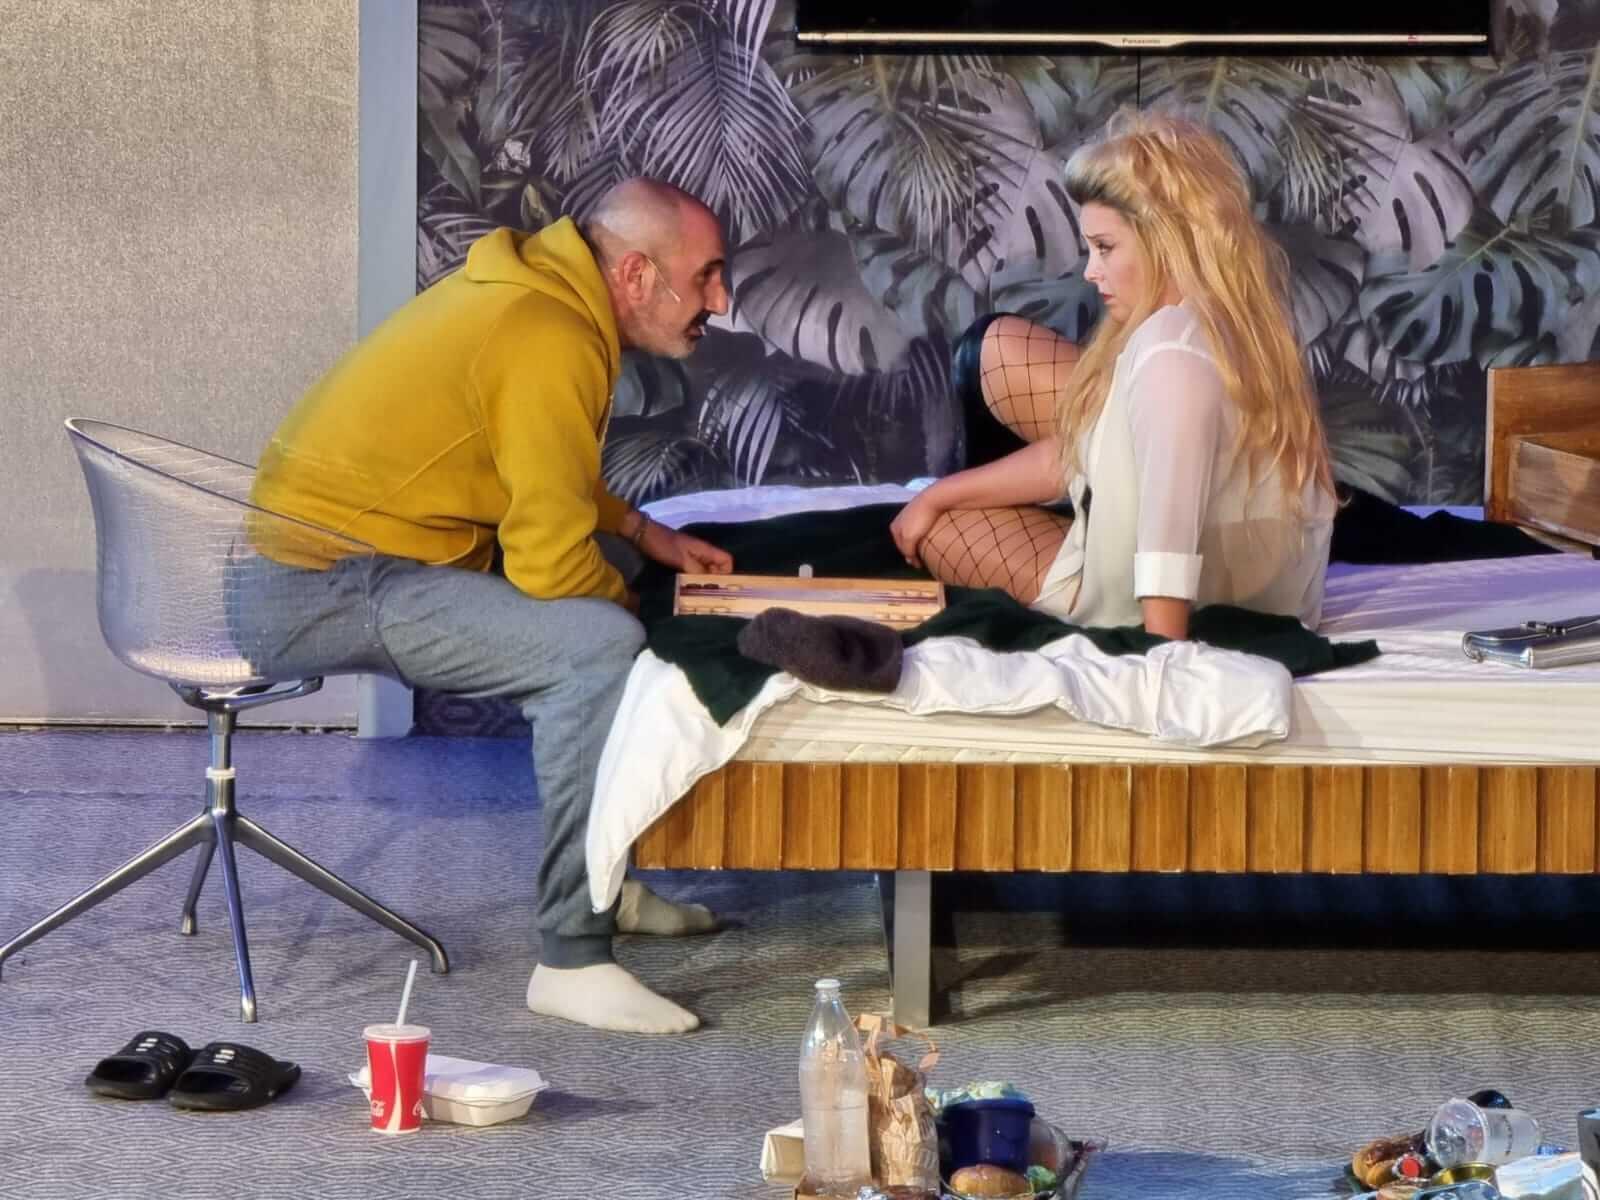 כינרת לימוני ונדב אסולין בהצגה אהבה ומגפה בקאמרי